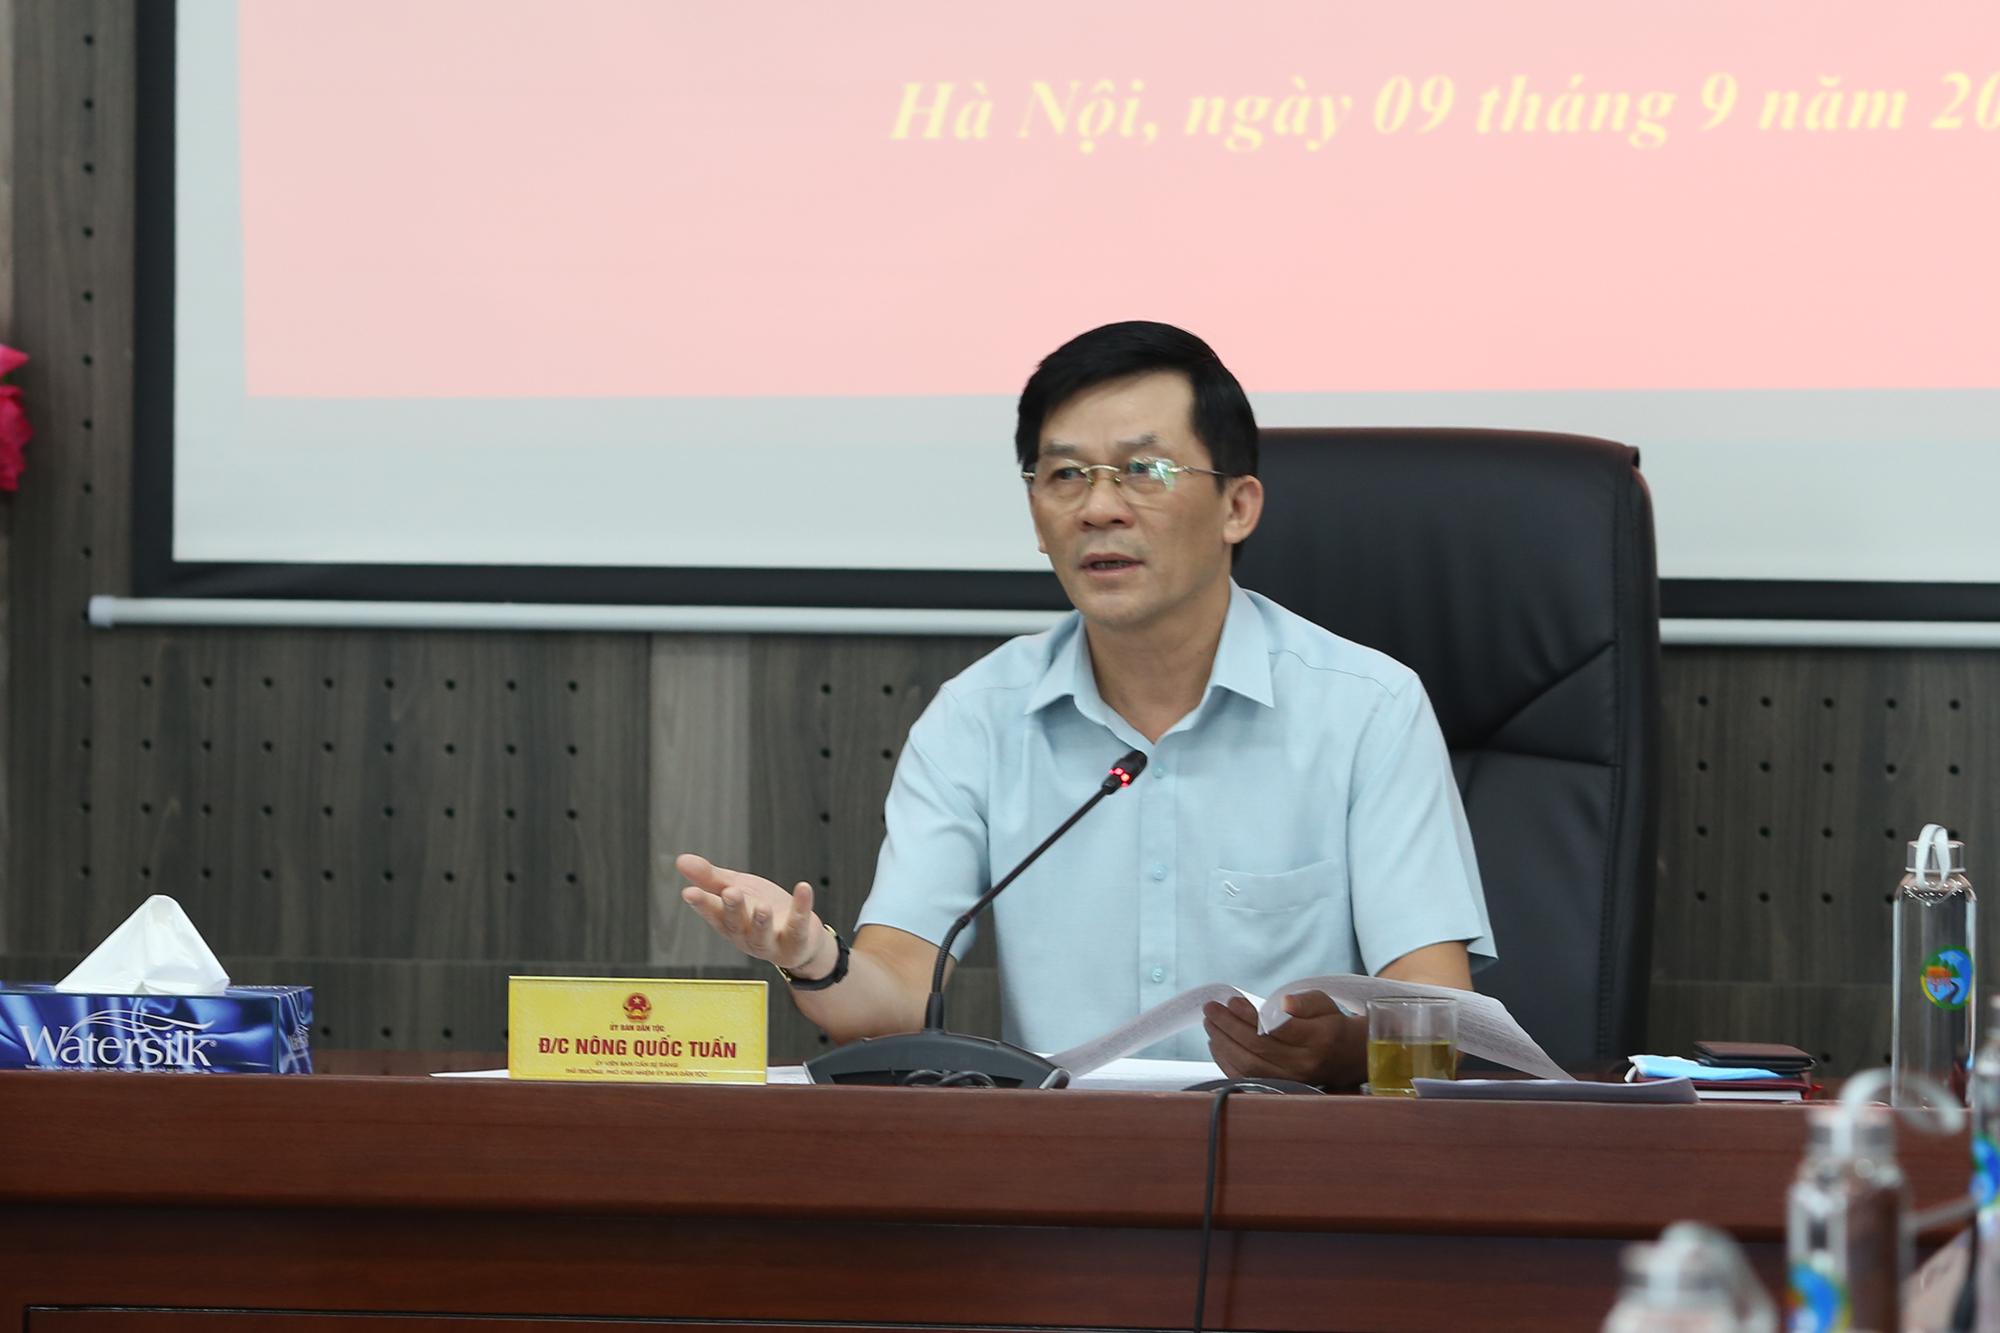 Bí Thư Đảng ủy, Thứ trưởng, Phó Chủ nhiệm Nông Quốc Tuấn chủ trì Hội nghị